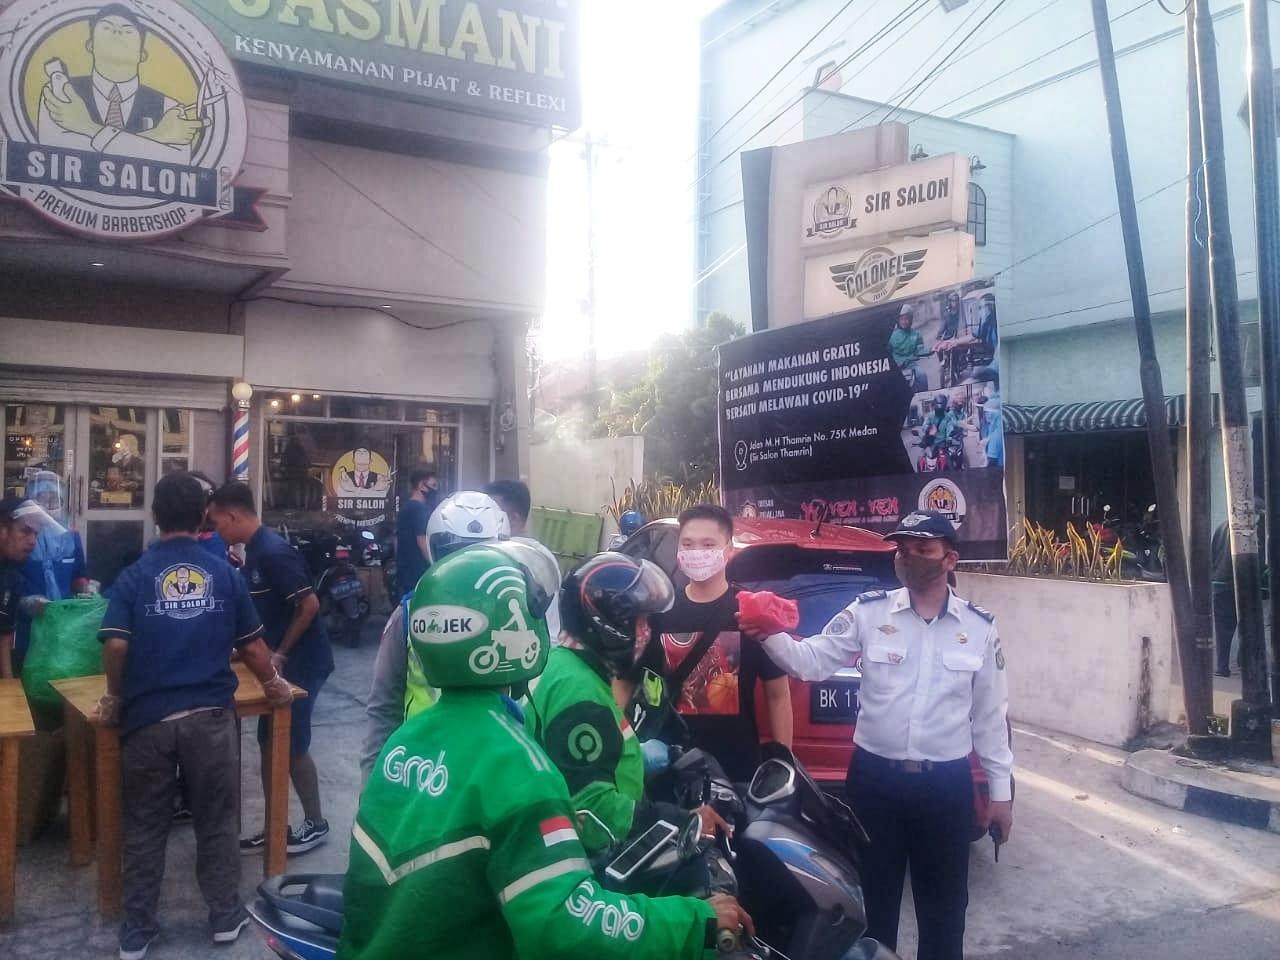 Yayasan Moggalana Indonesia Bekerjasama dengan Bika Ambon Yen Yen dan SIR Salon Berbagi Makanan Selama Wabah corona